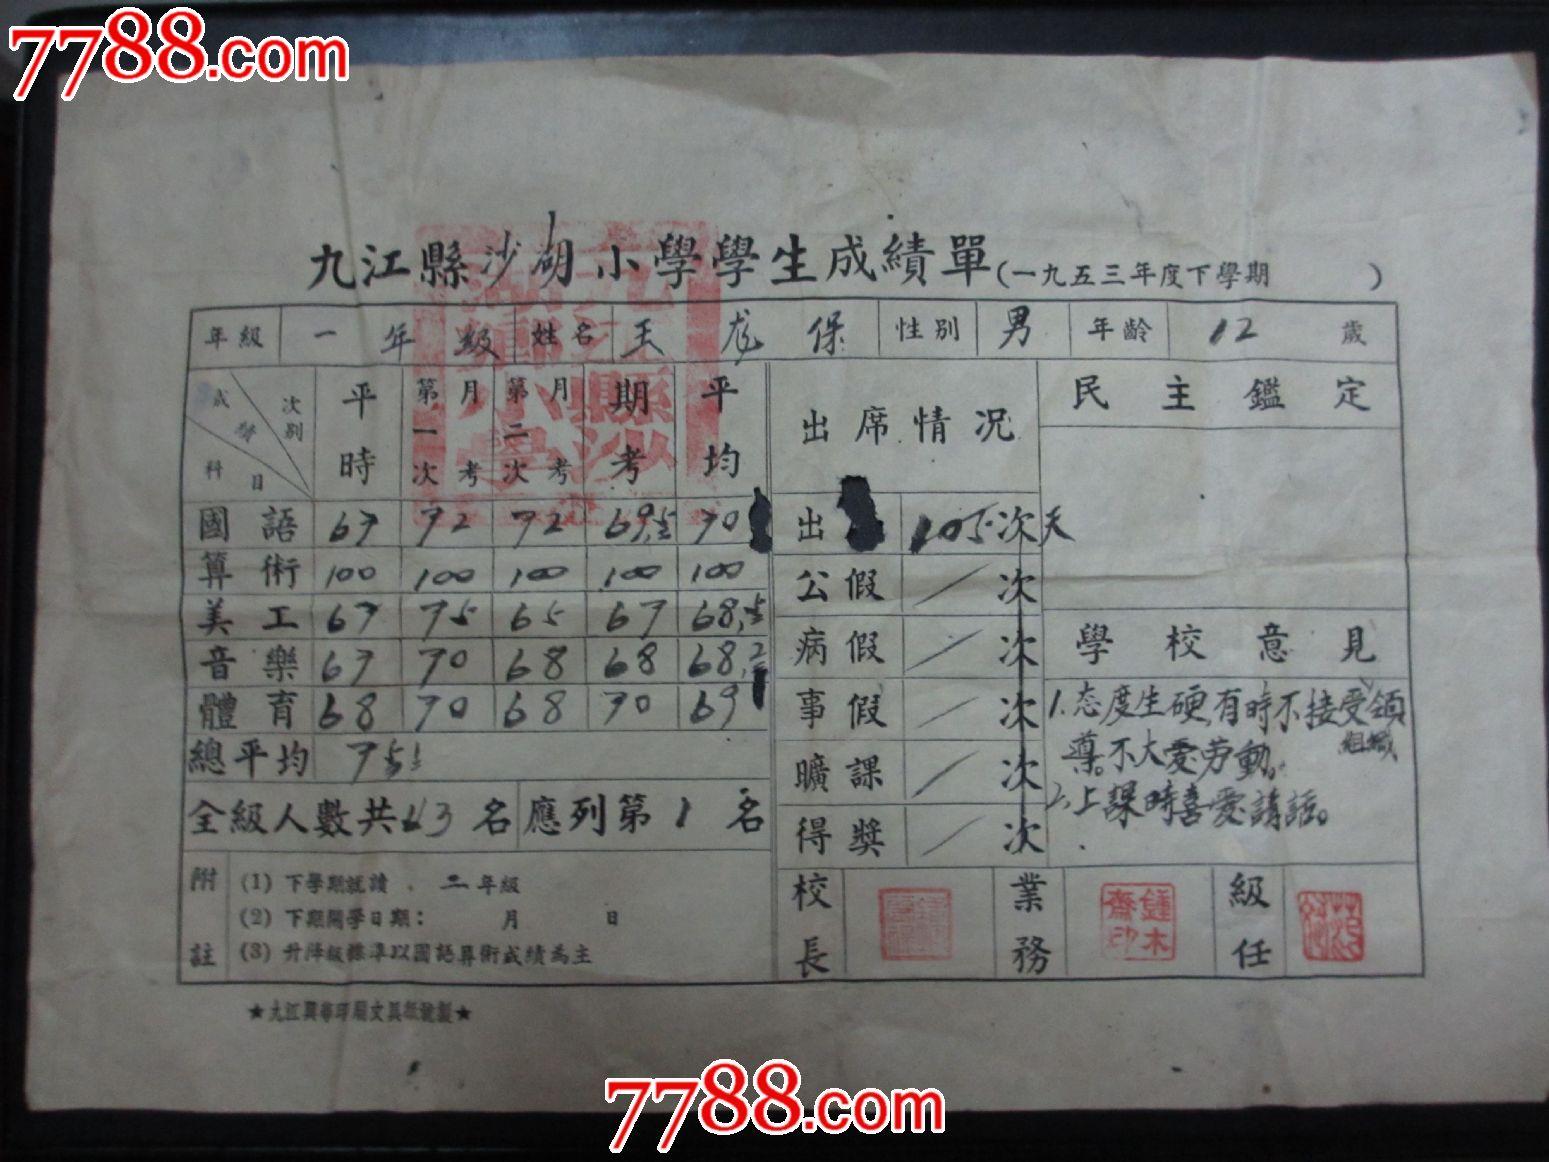 九江縣沙湖小學學生成績單